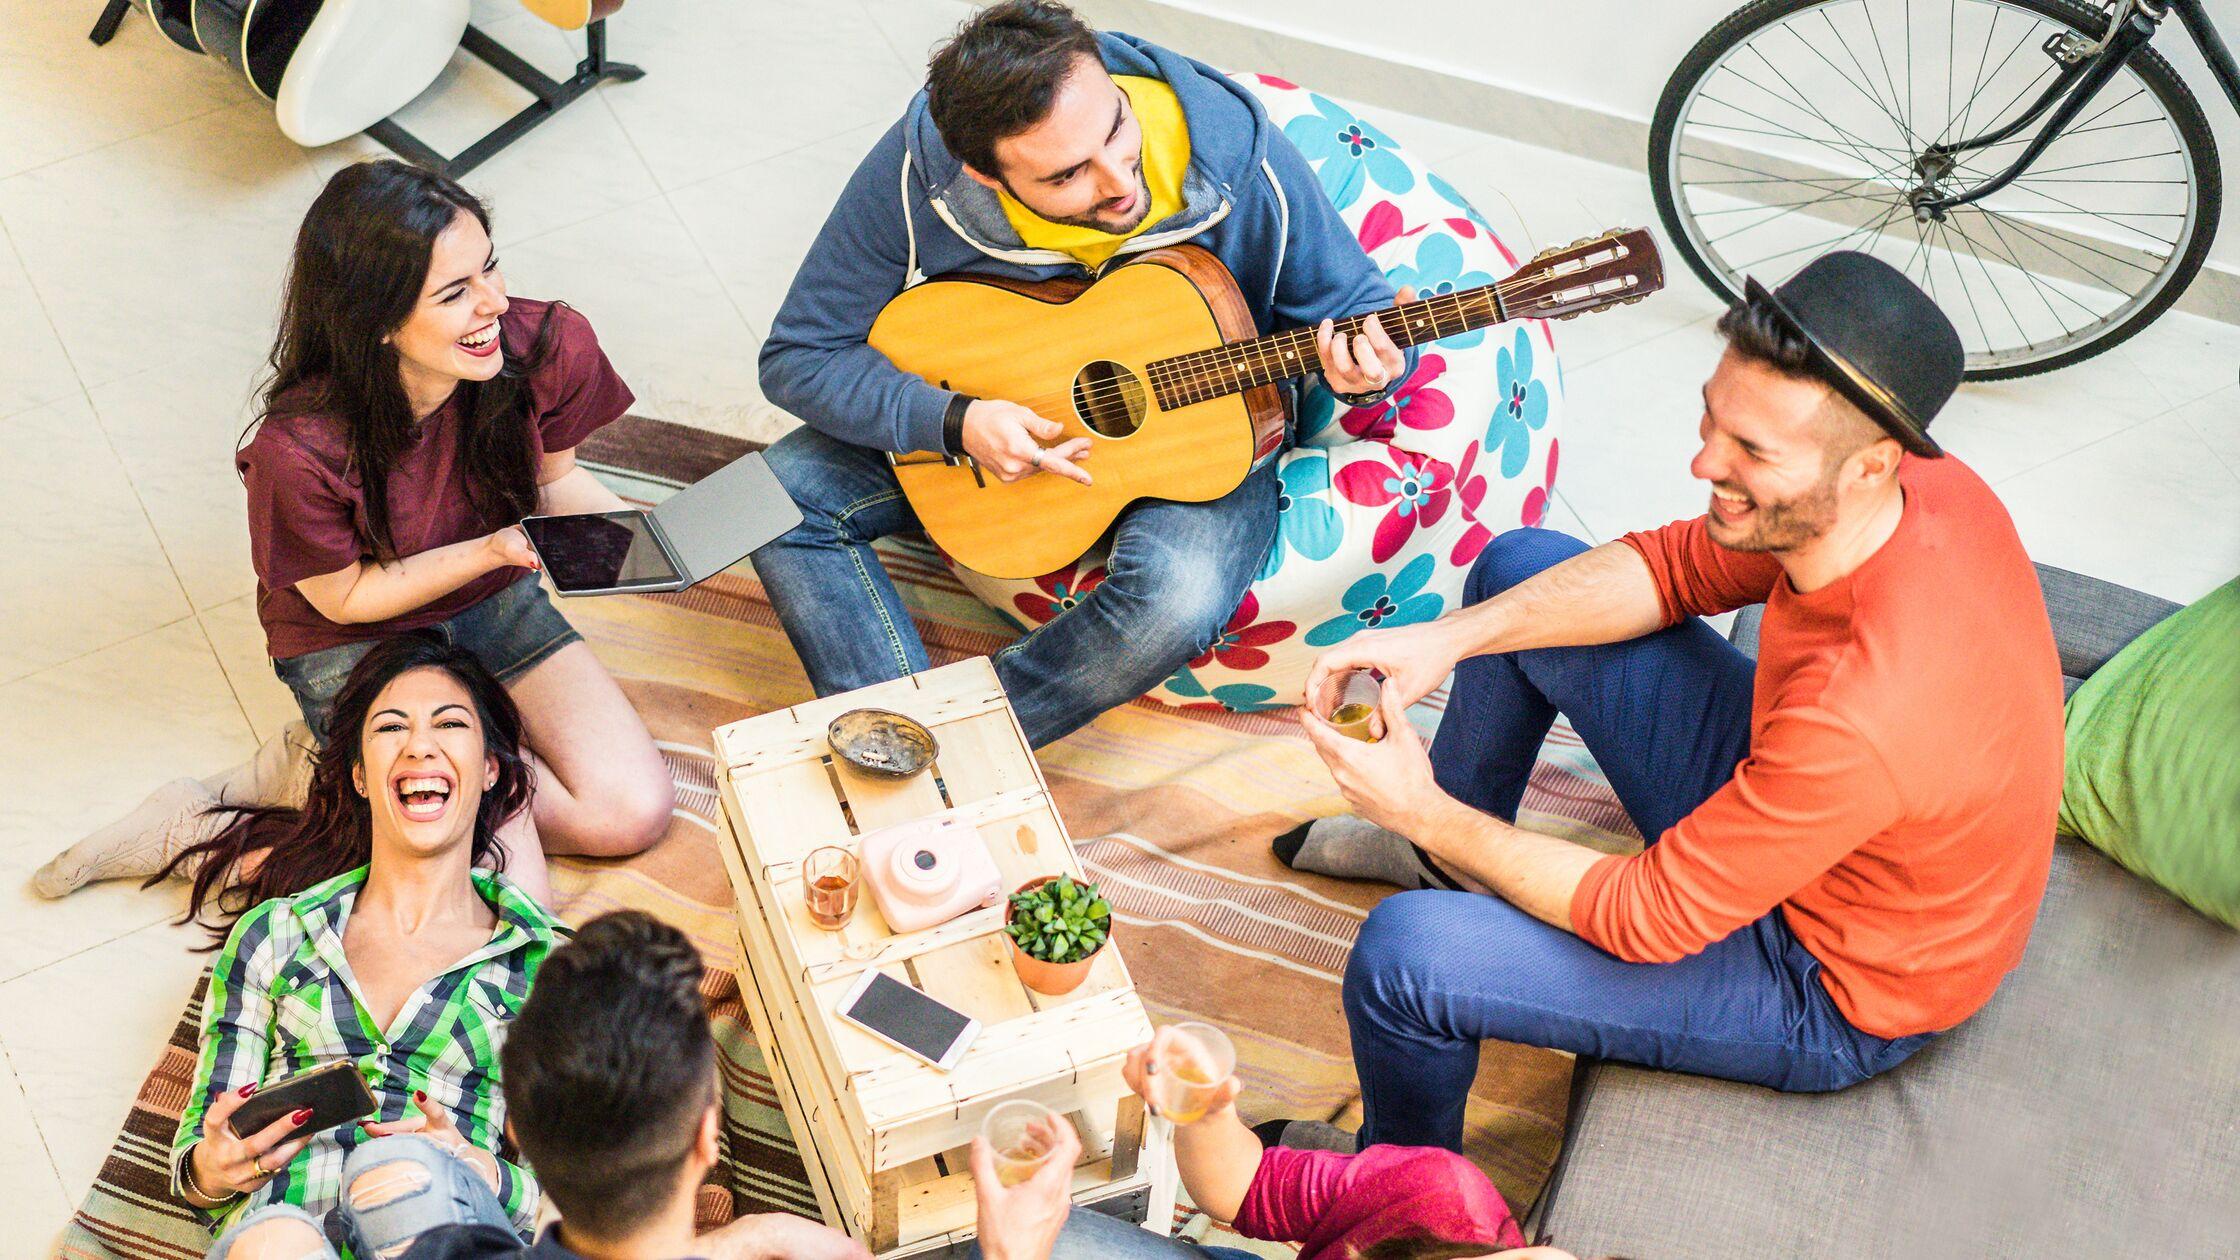 Gruppe junger Leute sitzt auf dem Boden einer Wohnung, lacht und macht Musik